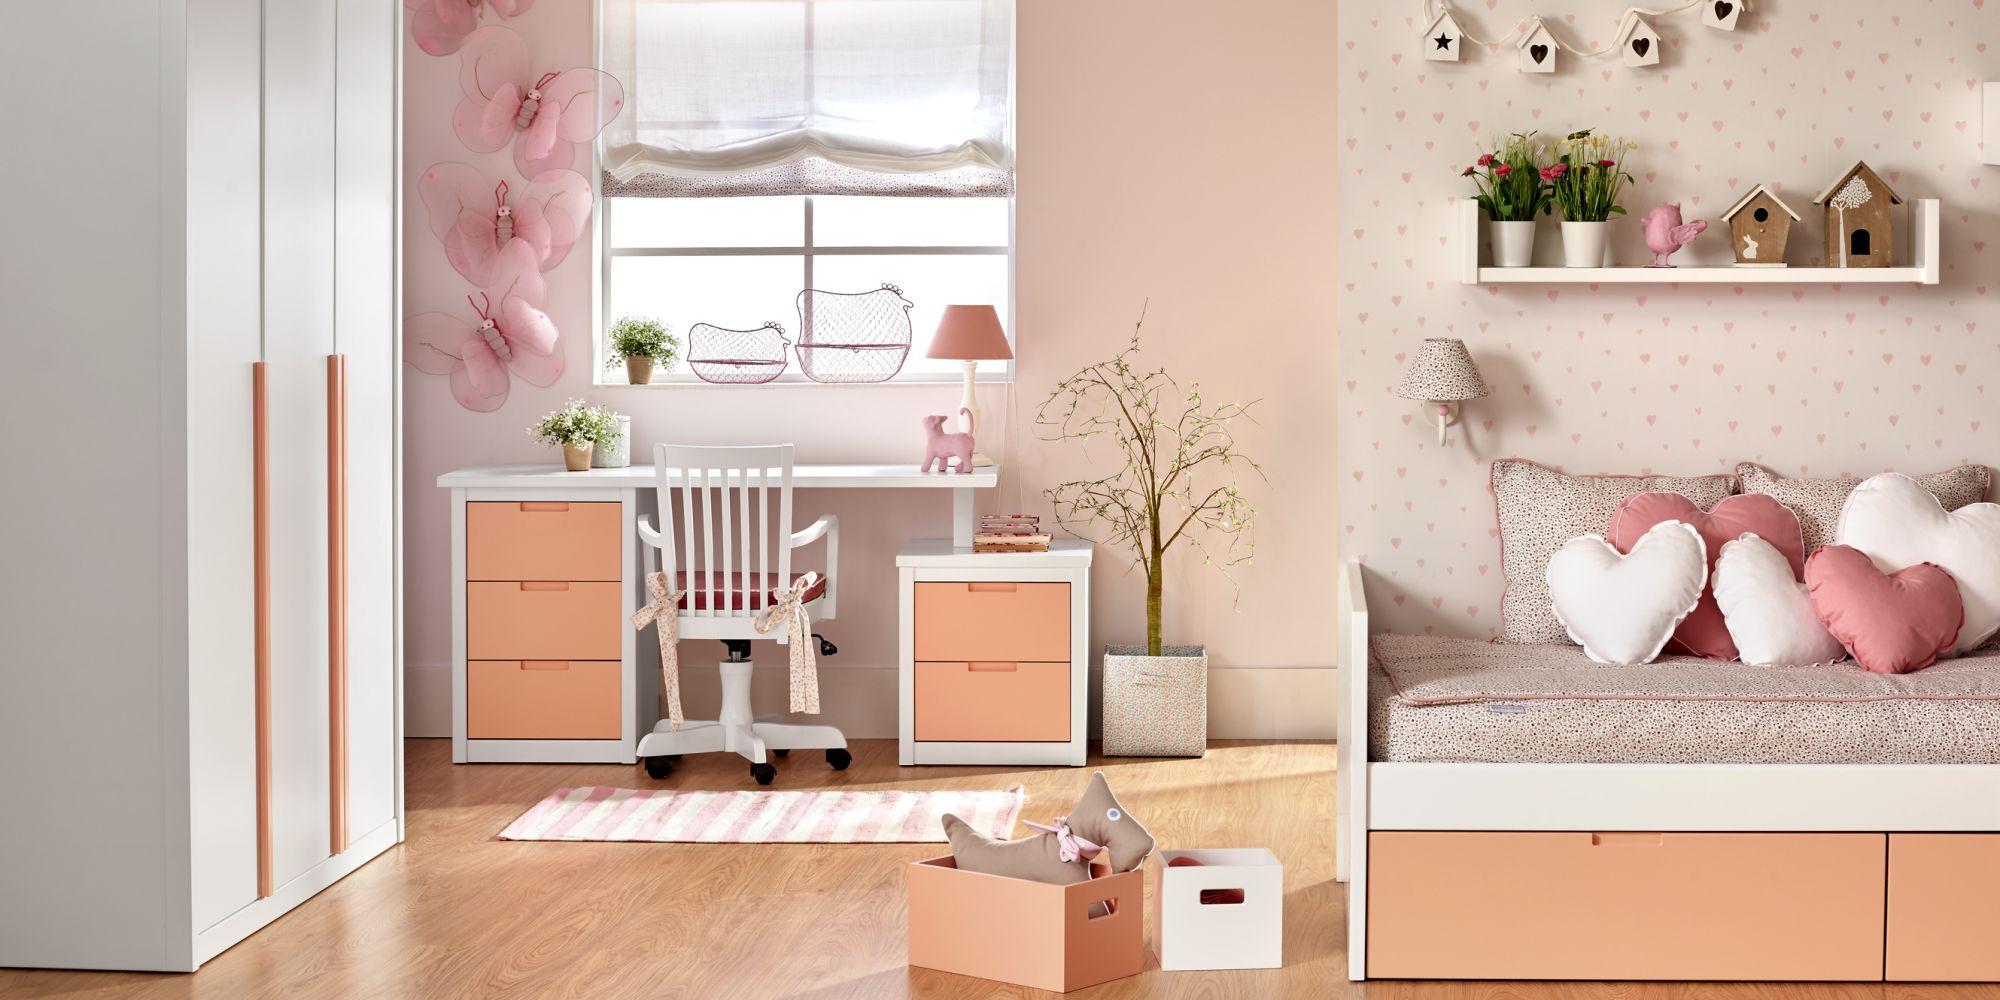 Habitación nido con cajones y mesa de estudio, armario, color salmón